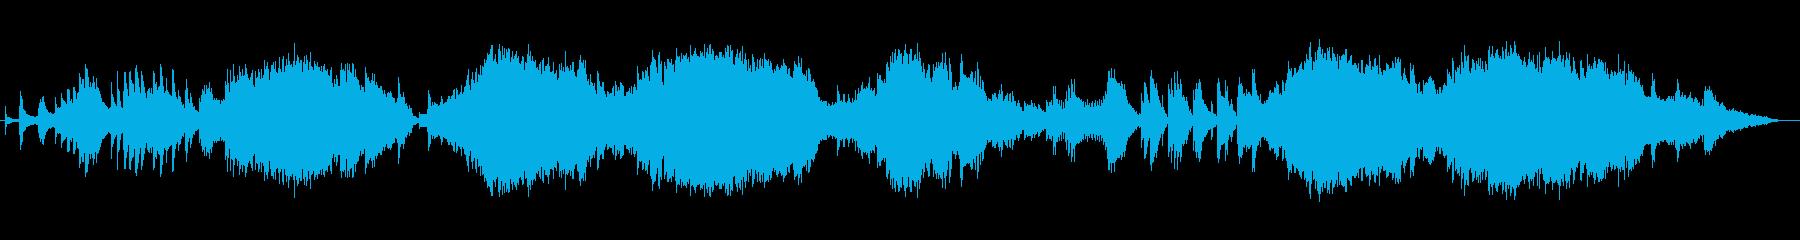 オルゴールの音色が不思議でかわいい楽曲の再生済みの波形